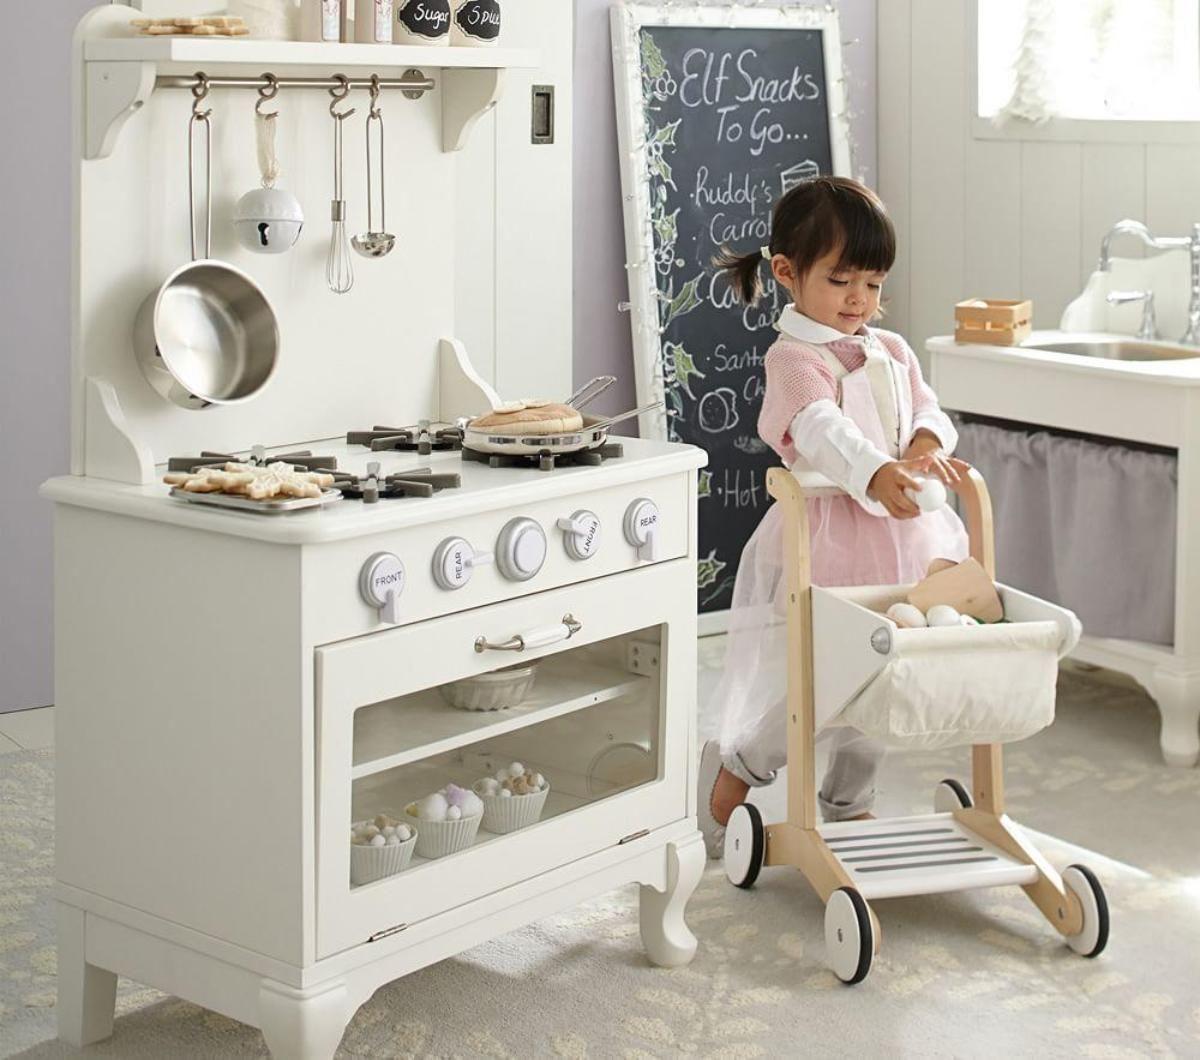 Farmhouse Kitchen Collection | Millies | Pinterest | Kitchen ...